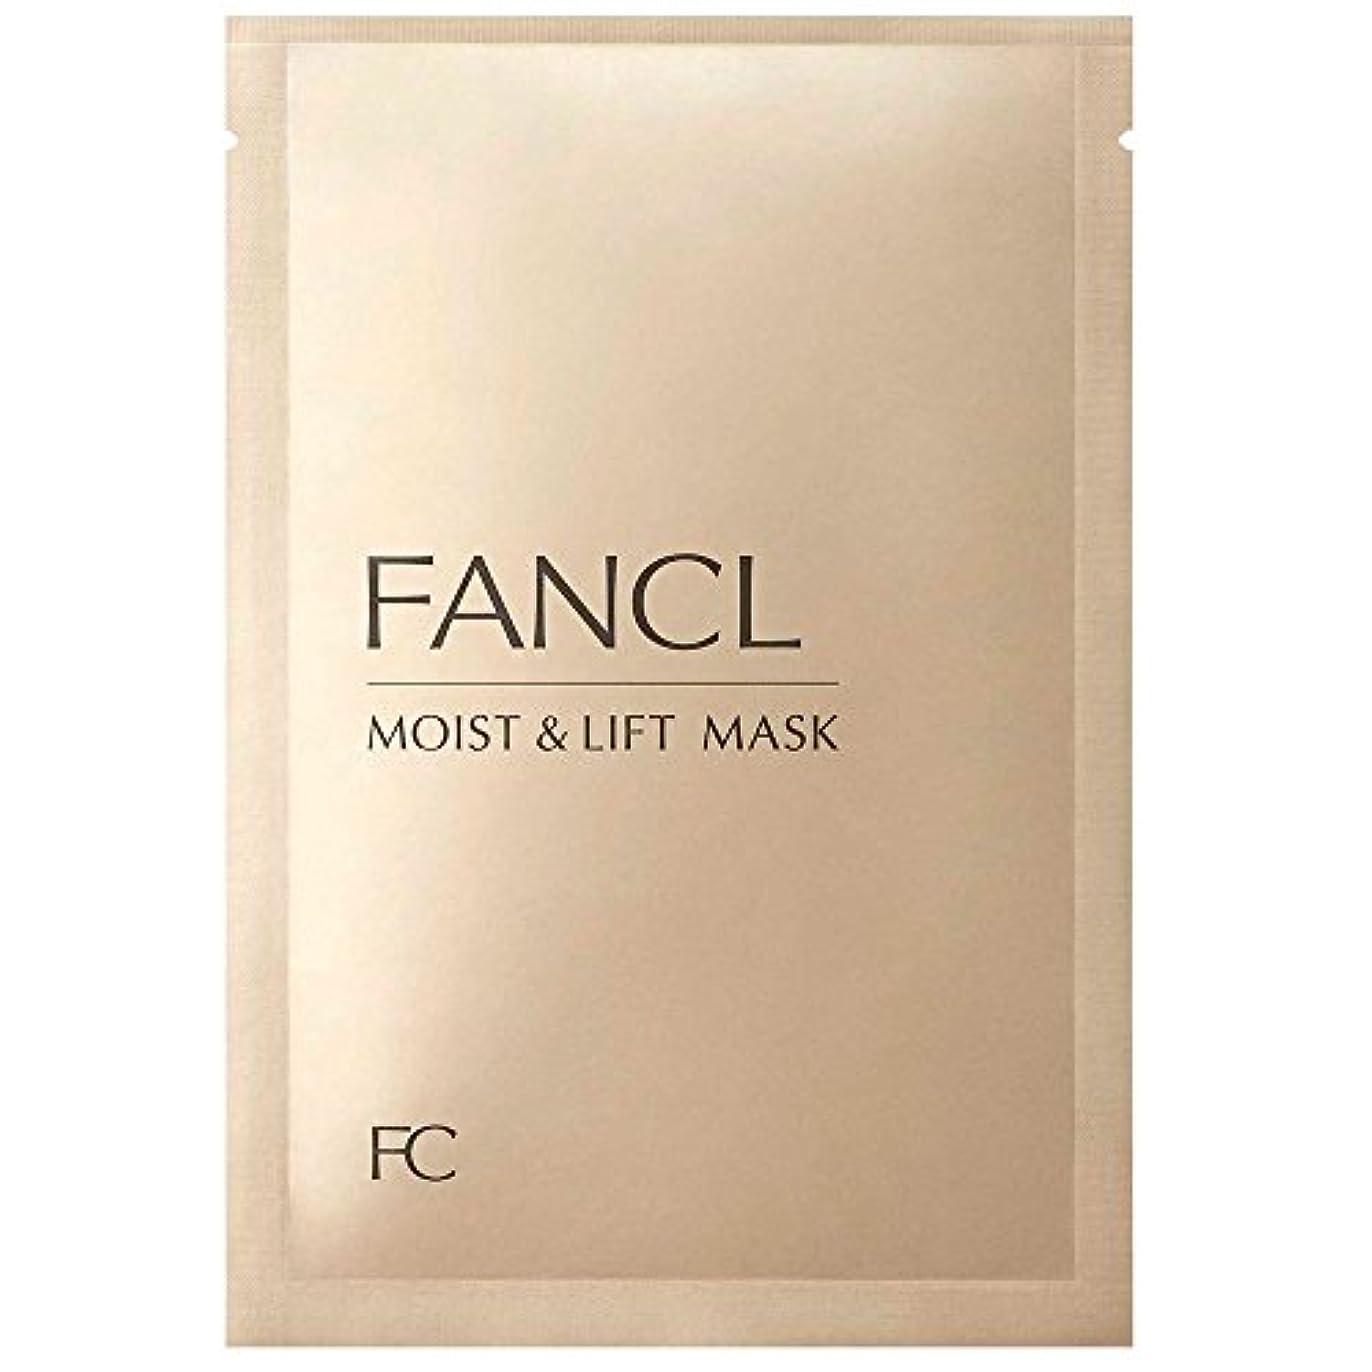 リスキーな小説ビートファンケル(FANCL) モイスト&リフトマスク(M&L マスク)28mL×6枚